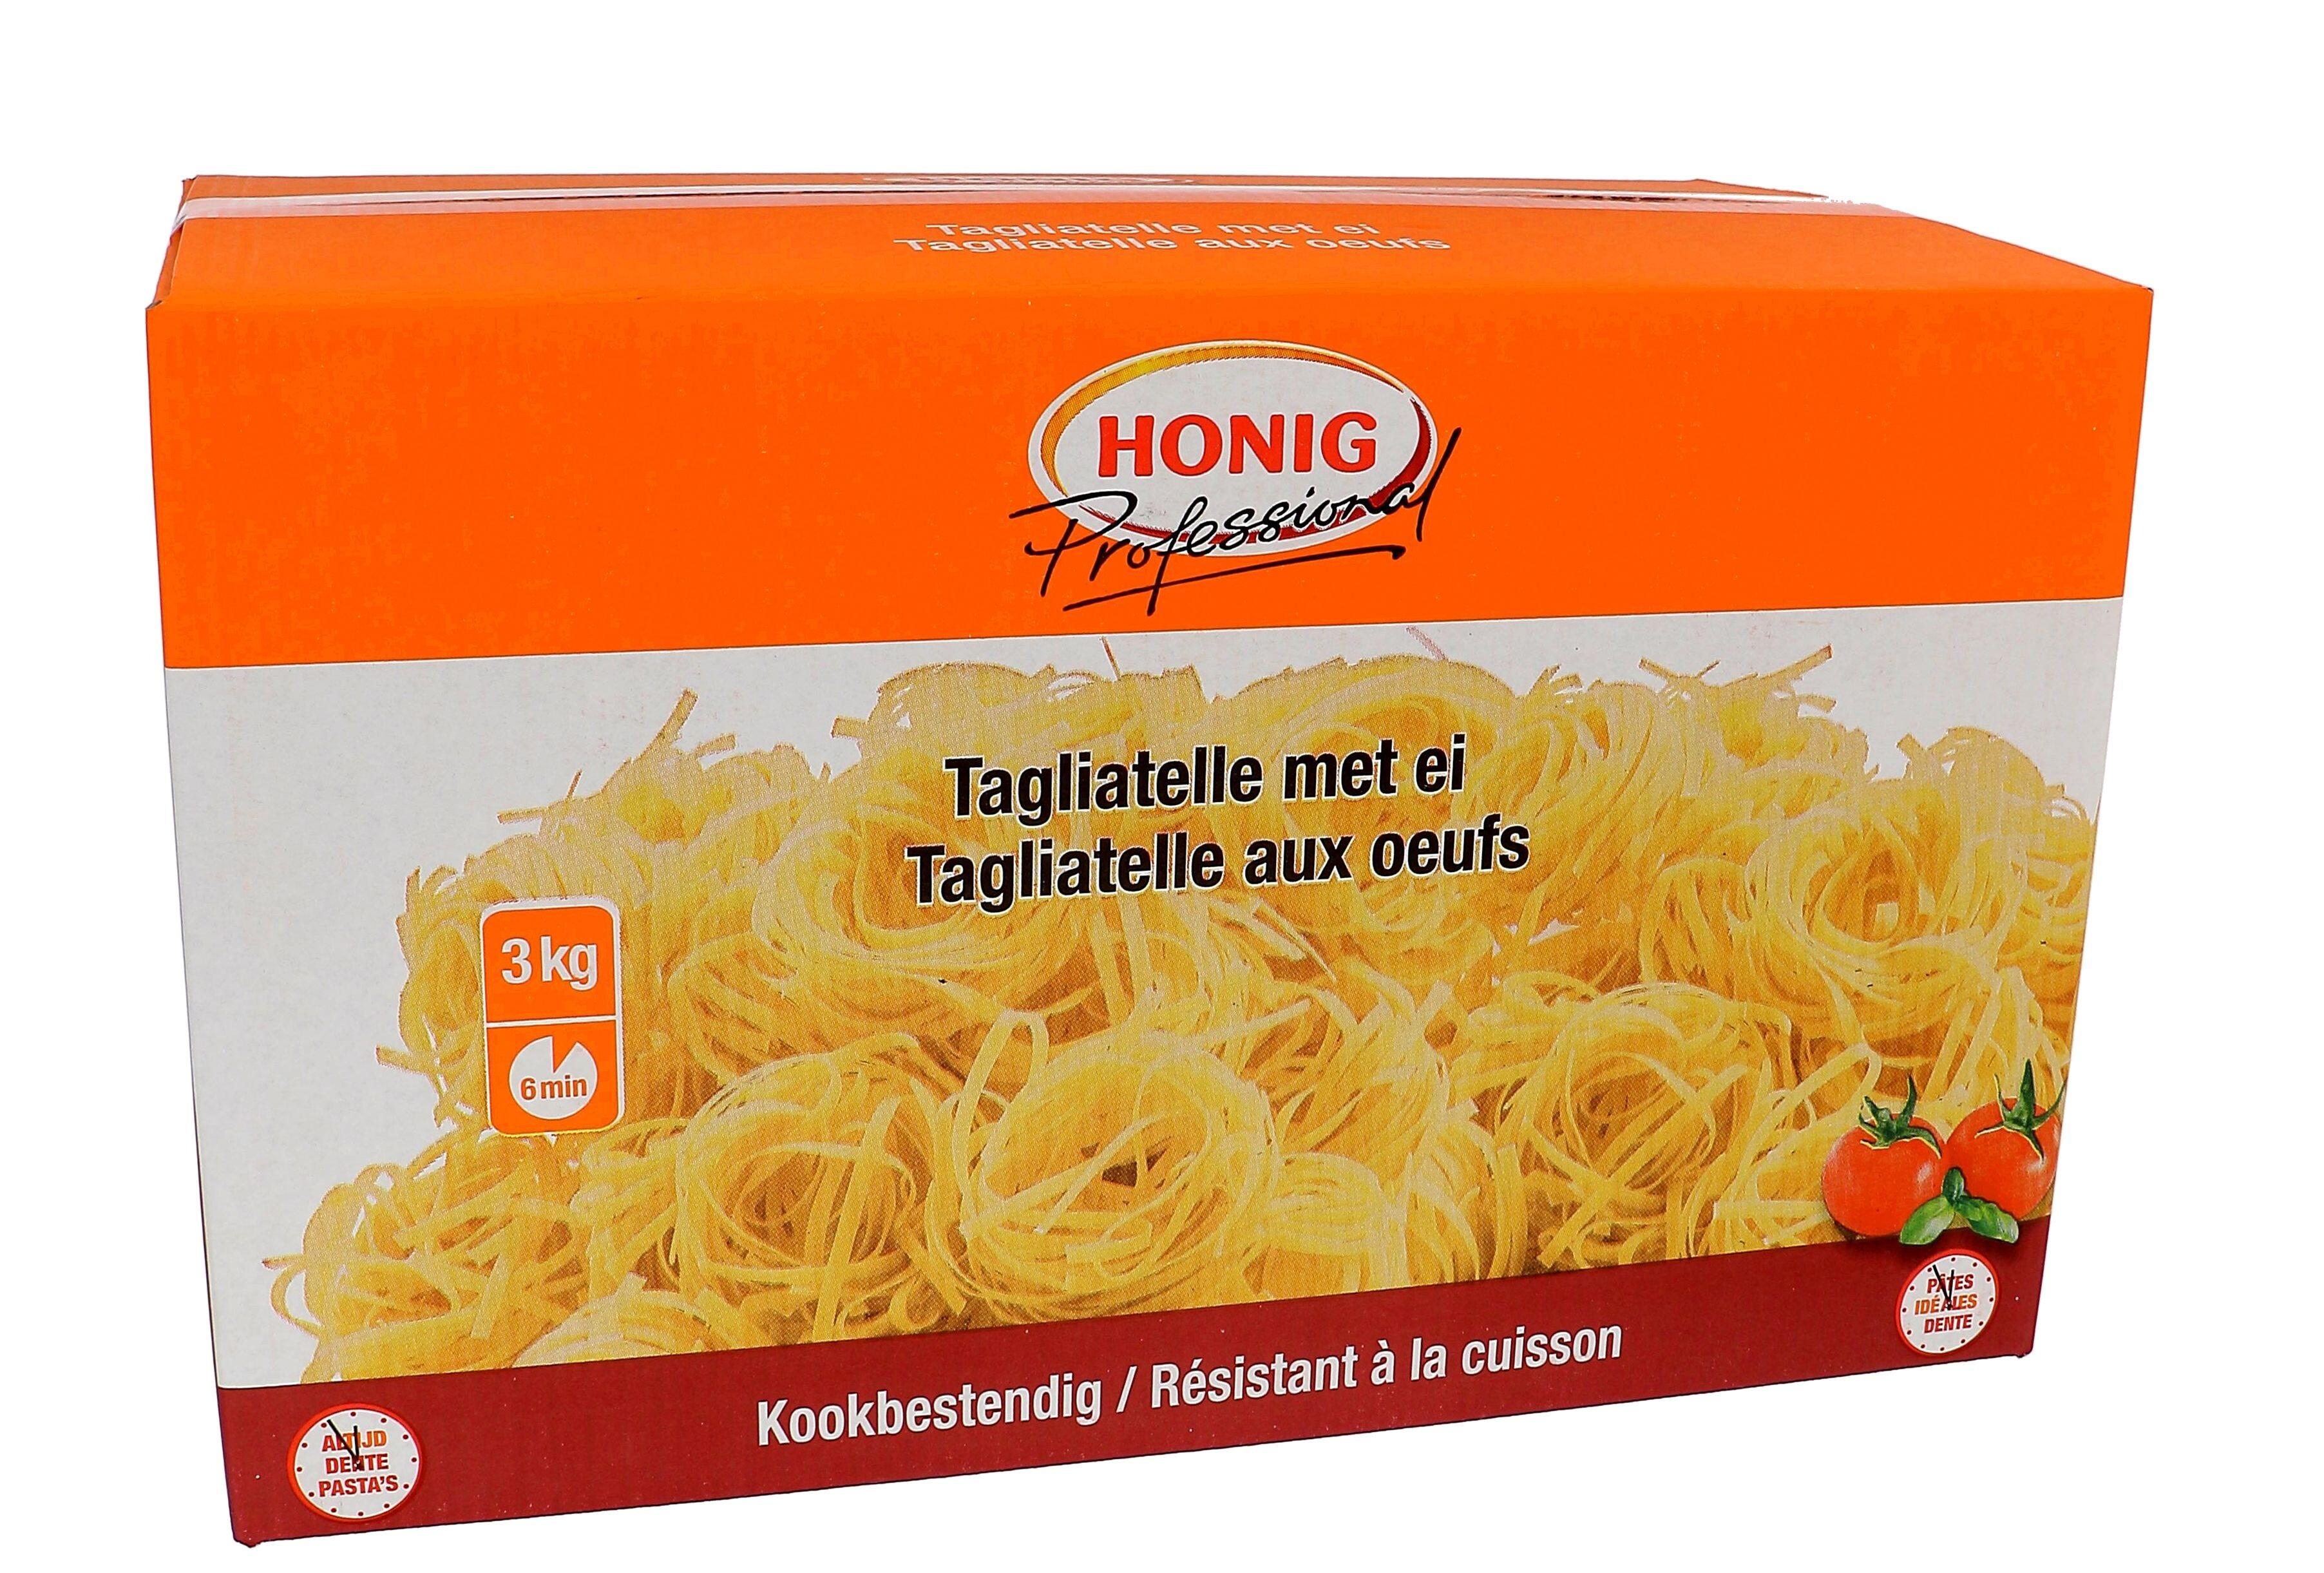 Honig tagliatelle fresh egg 3kg Professional pasta